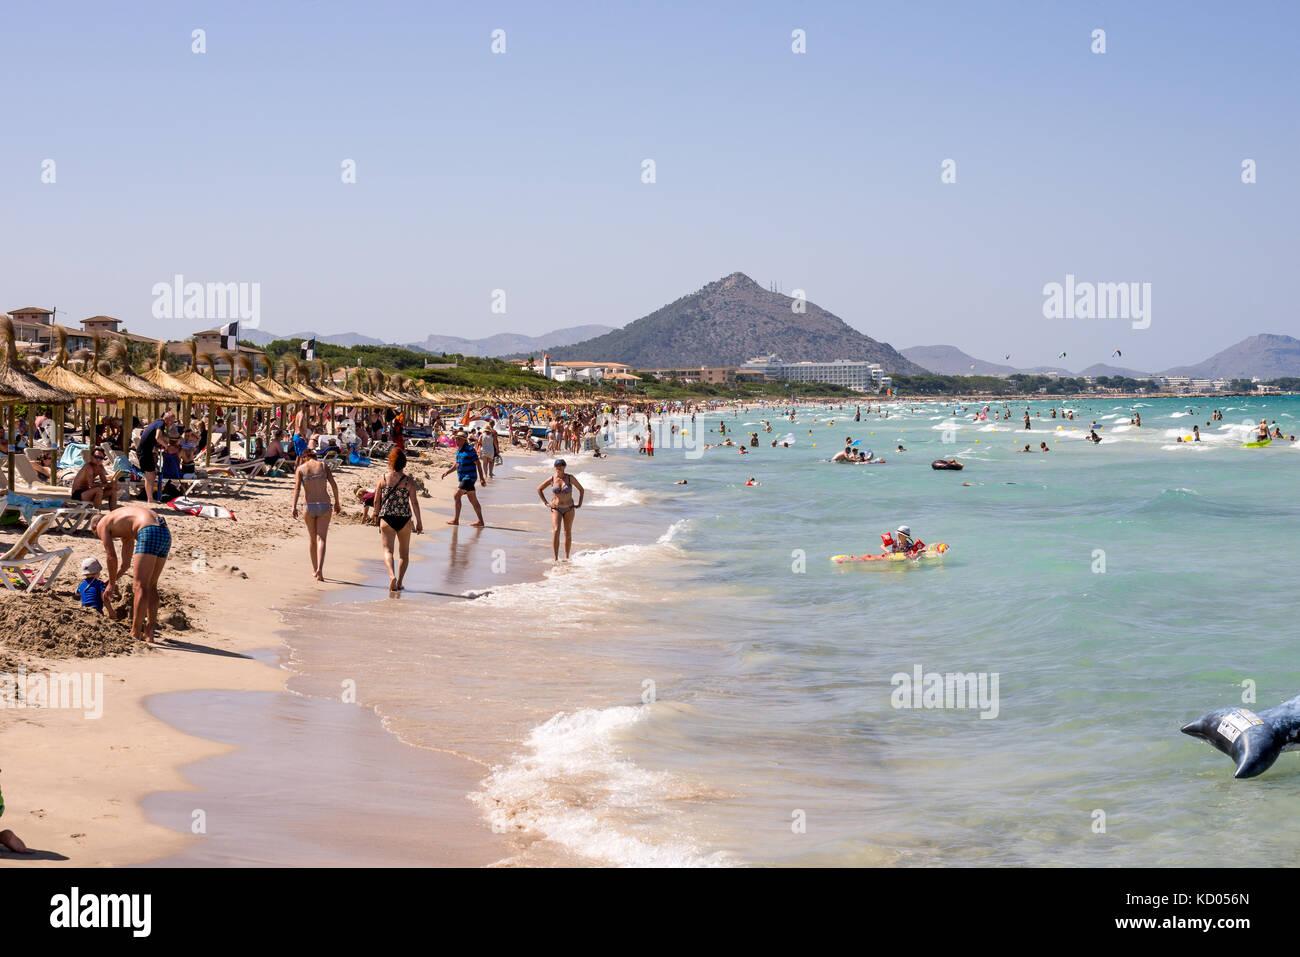 Touristen an der Playa de Muro im Sommer Hochsaison in der Nähe von Albufera Resorts, Mallorca, Balearen Inseln Stockbild